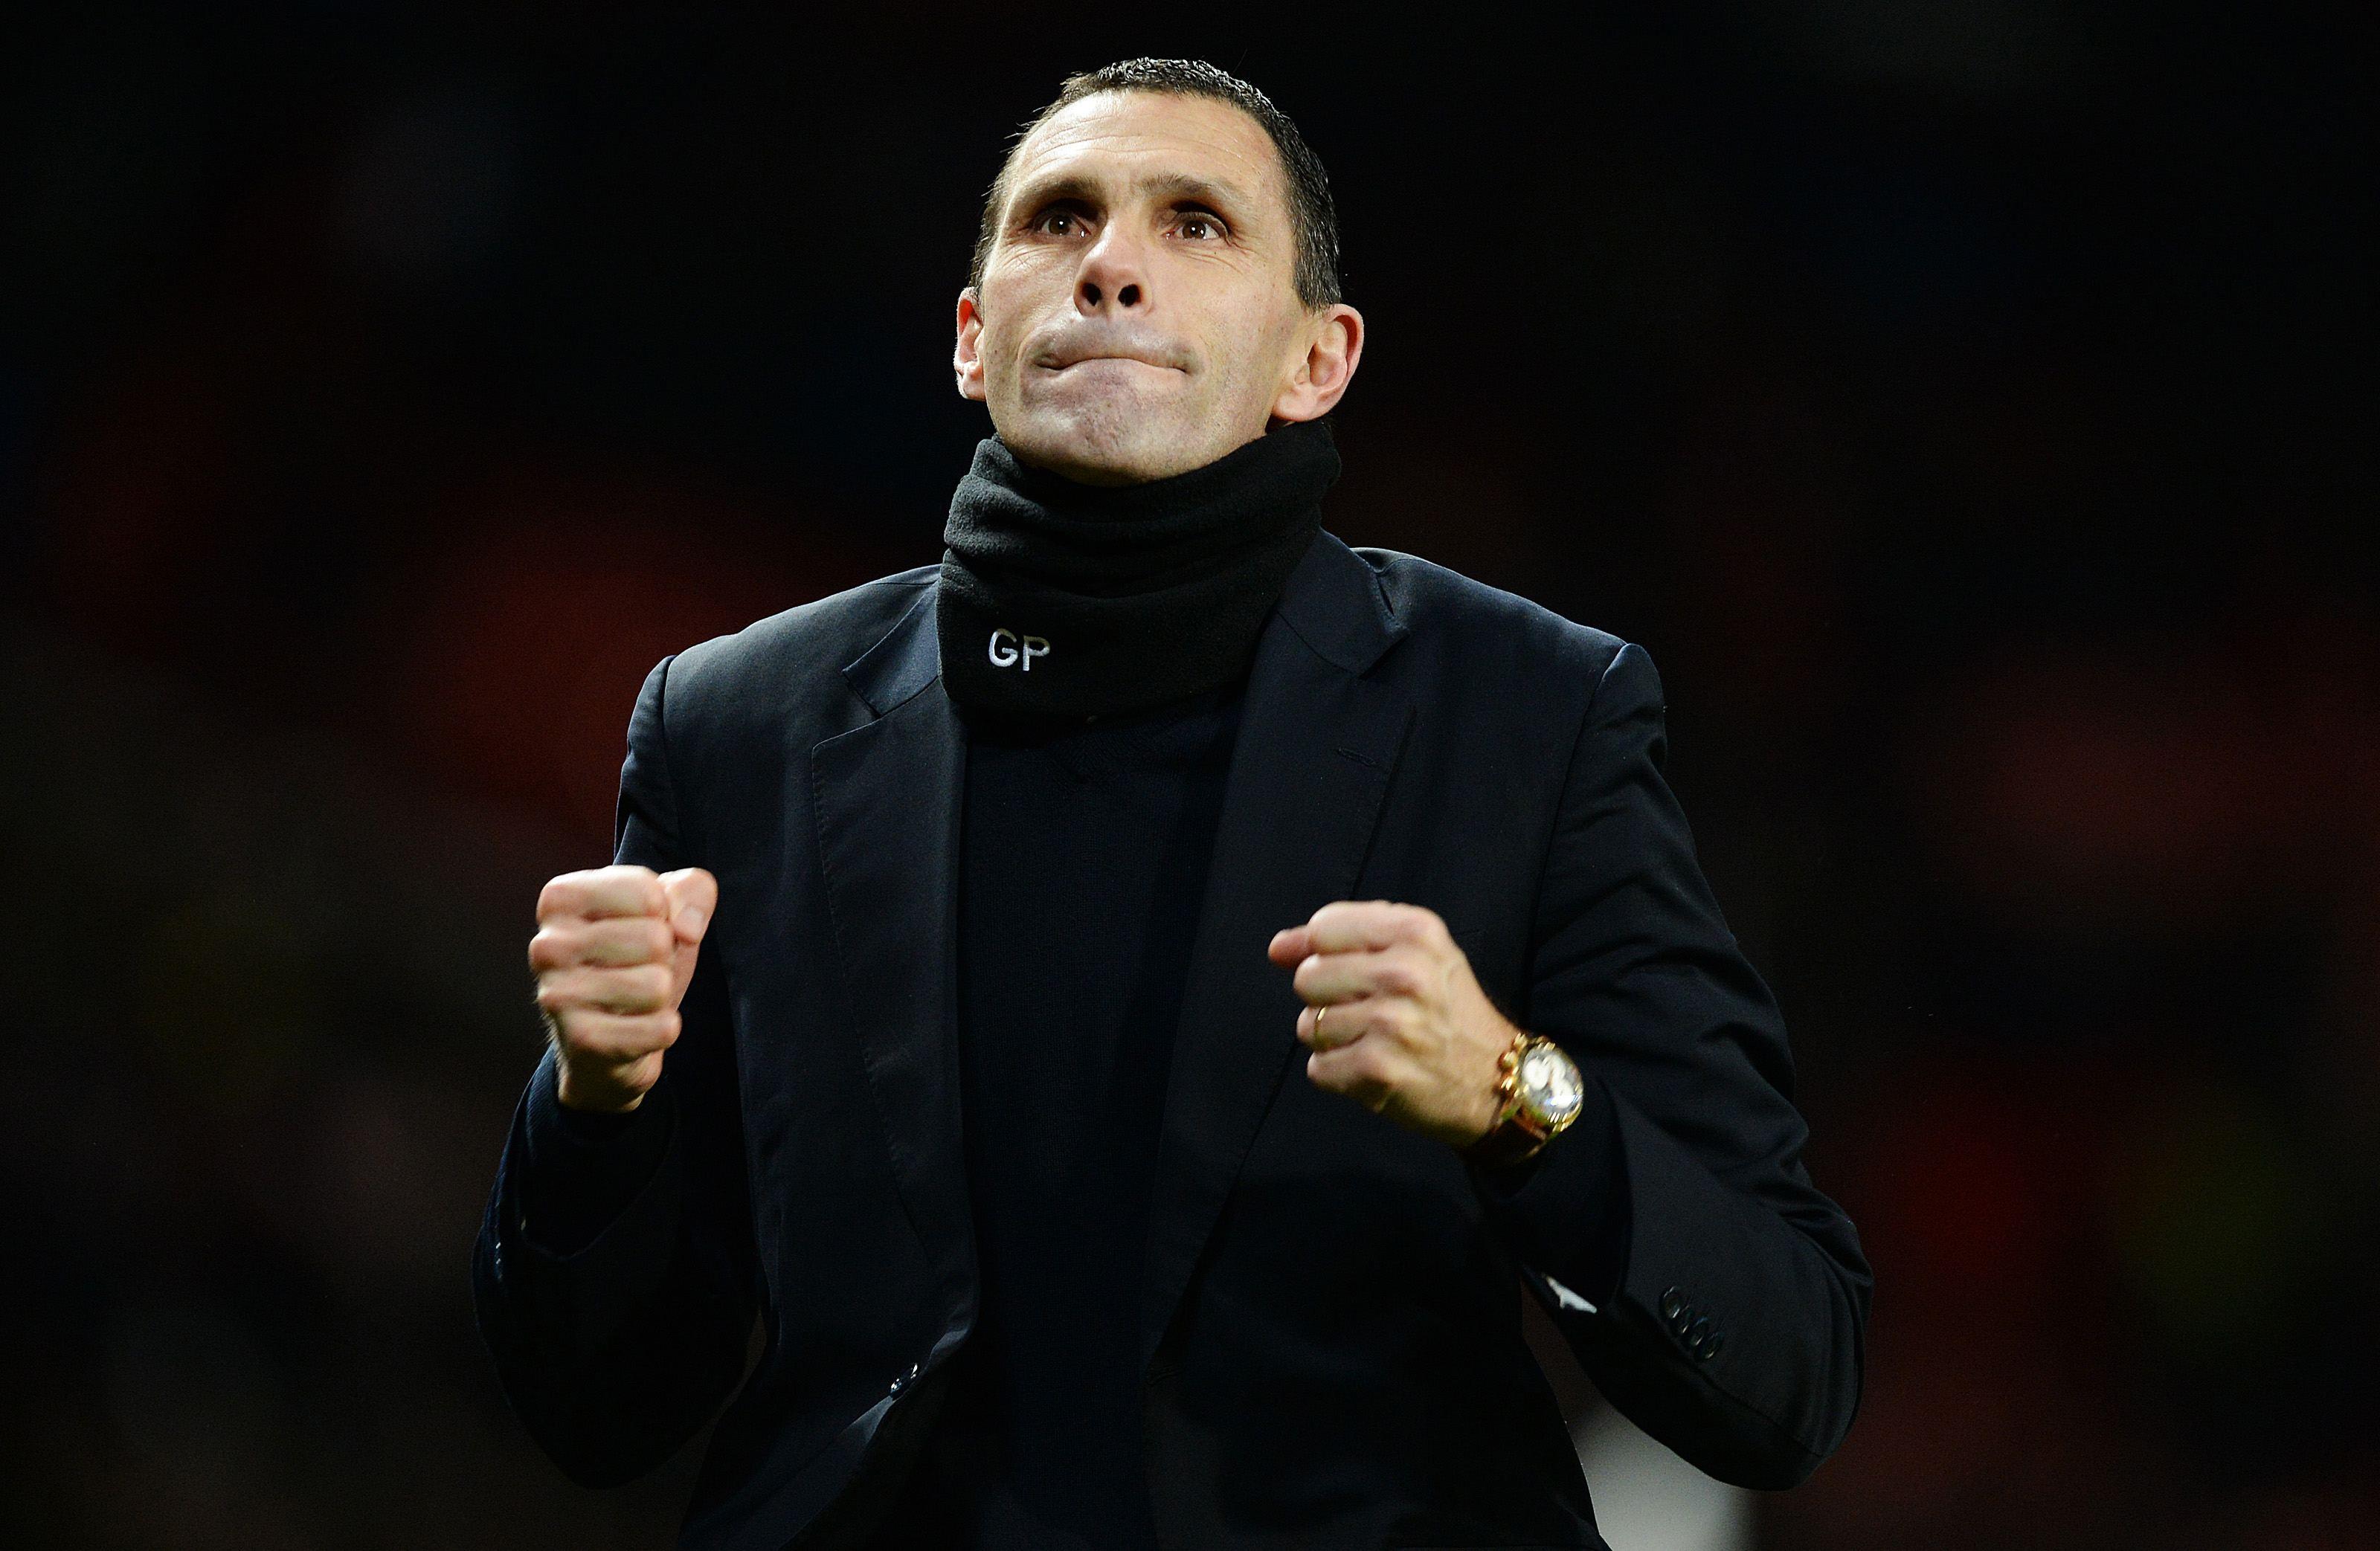 Sunderland's manager Gus Poyet